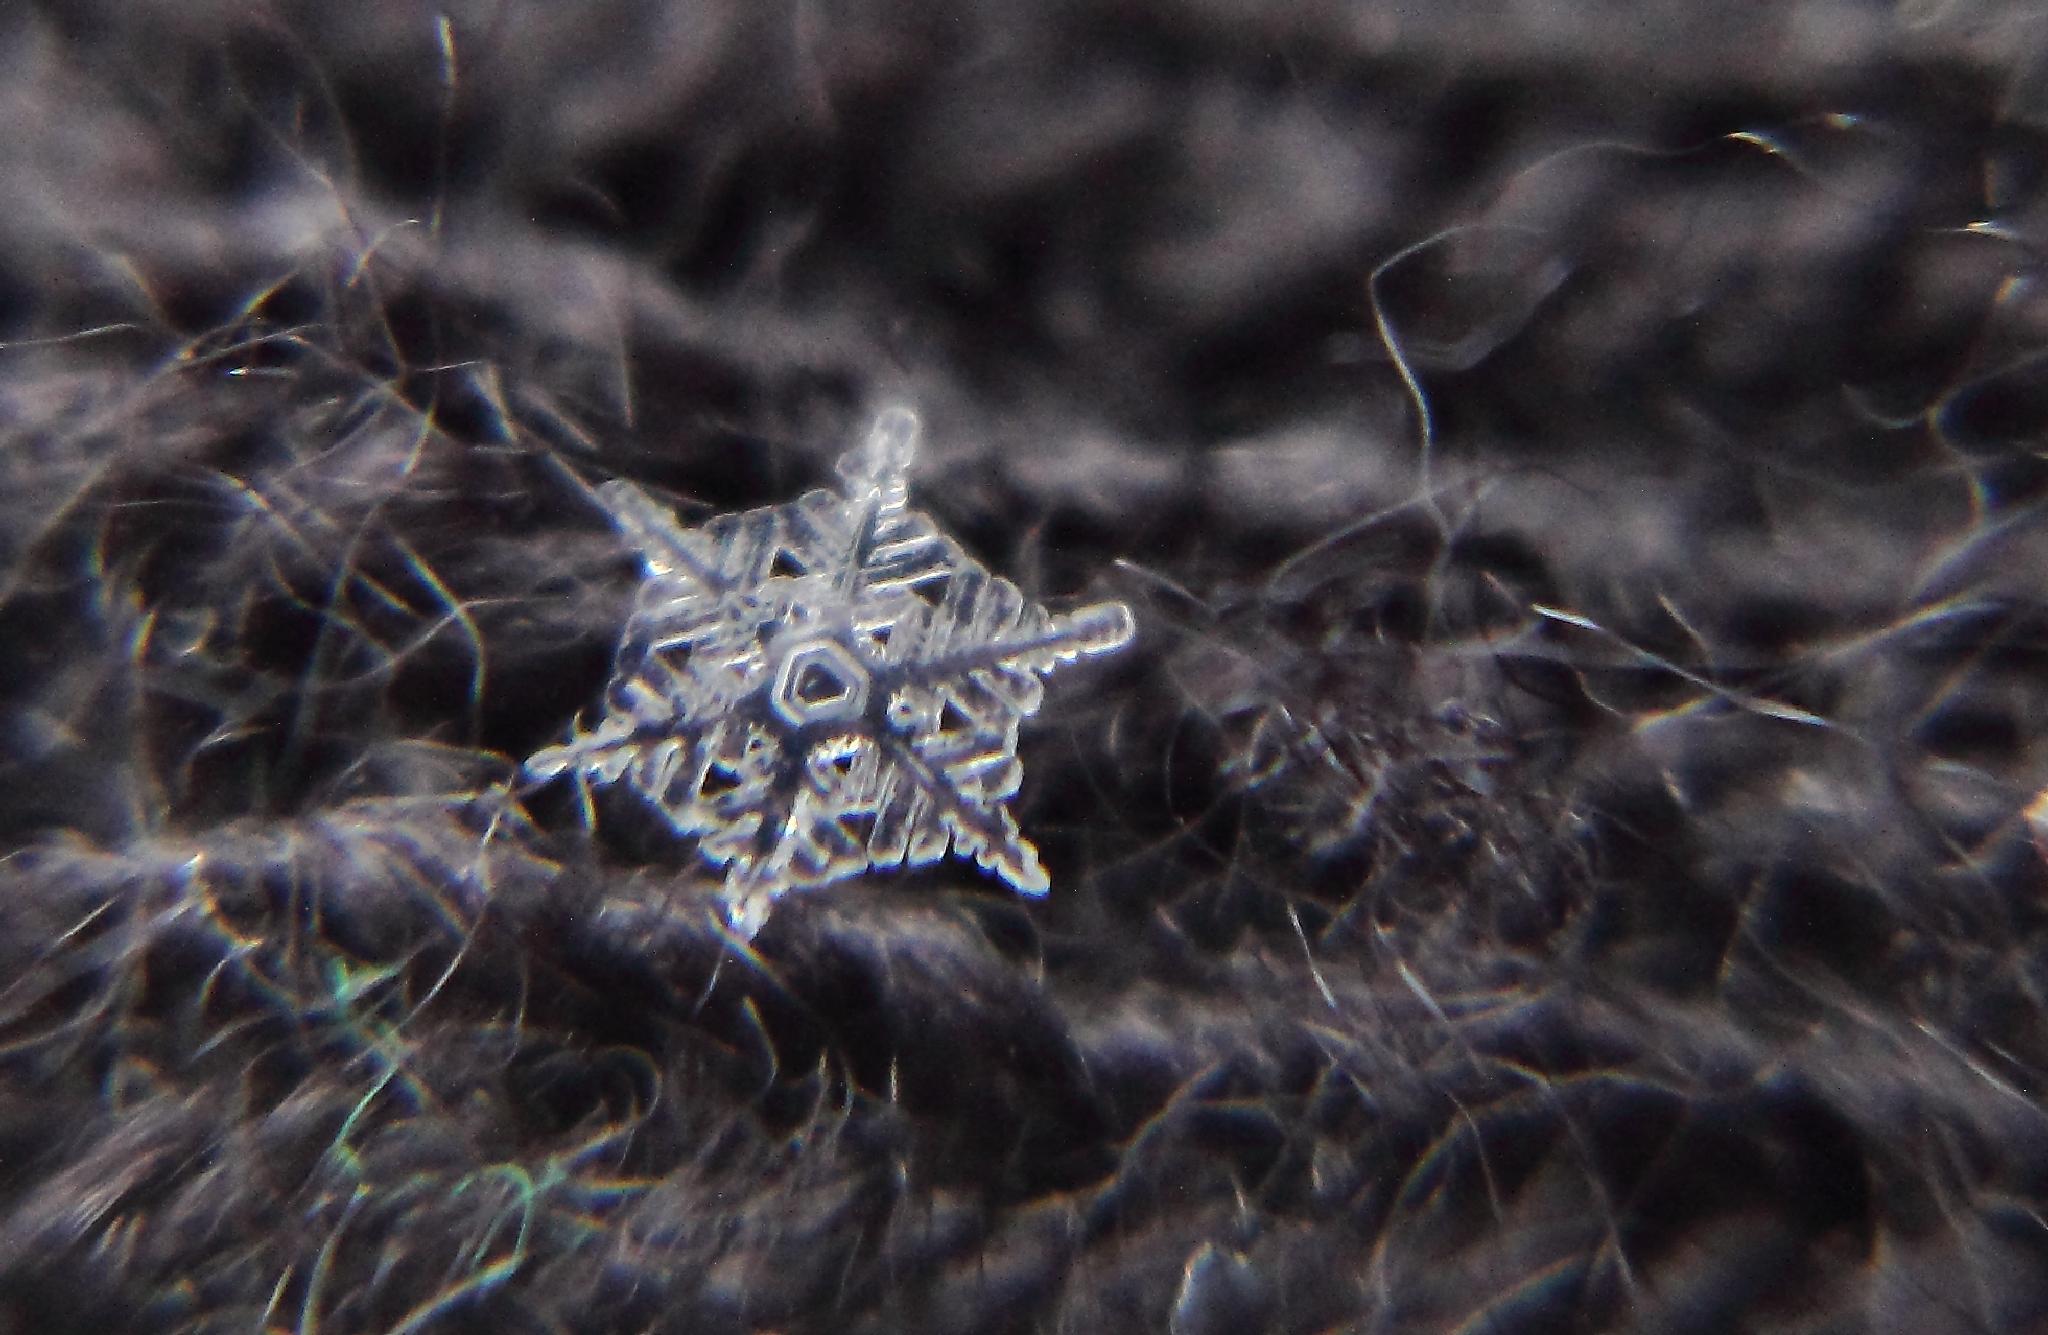 Snowflake 6 by michelle.vinnacombe